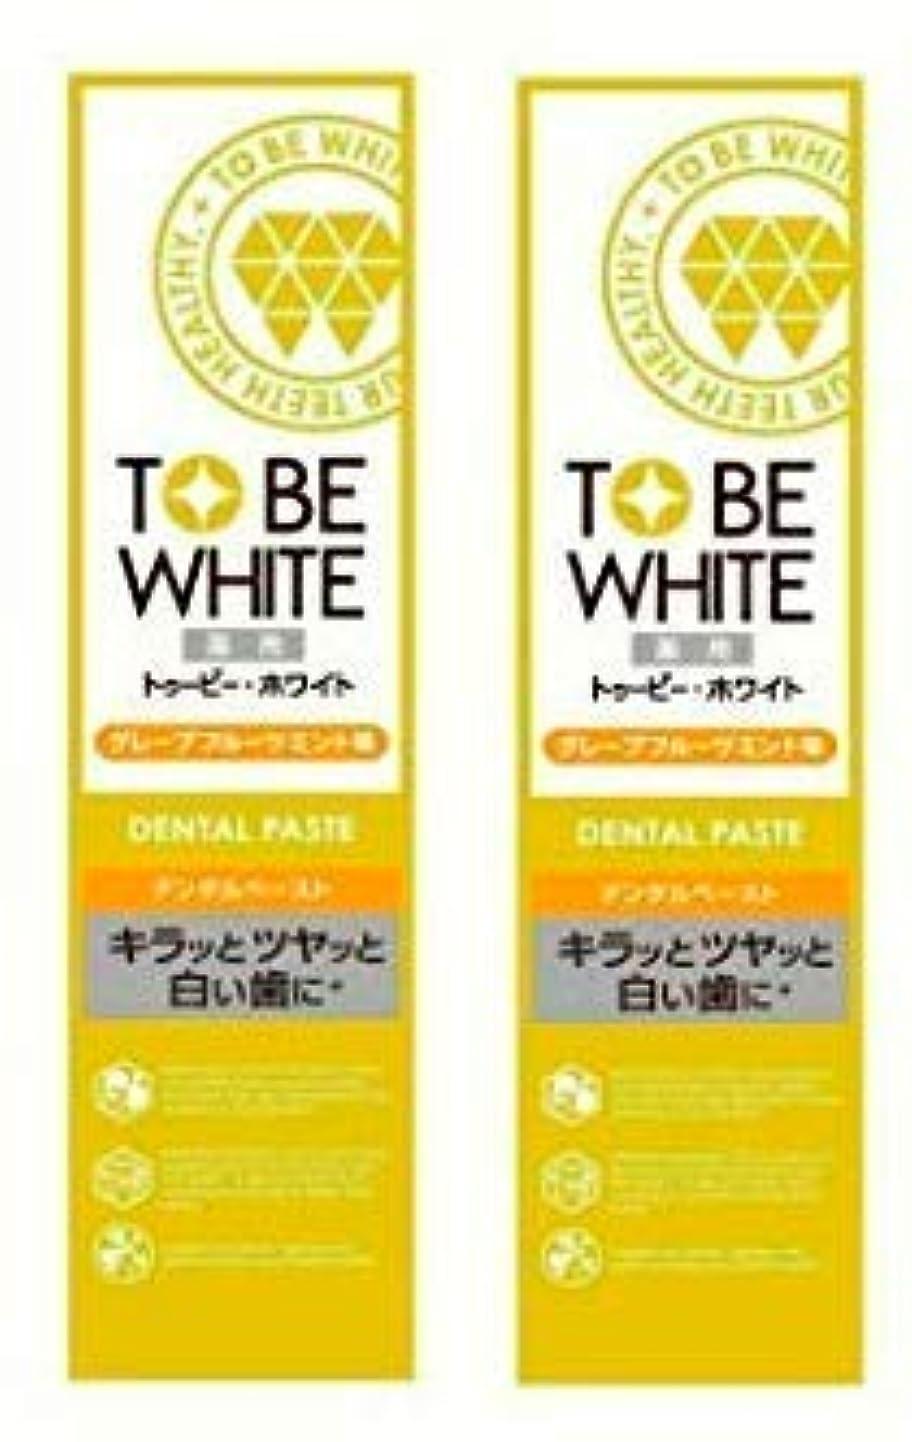 任命二週間保持する【お買い得】トゥービー?ホワイト 薬用 ホワイトニング ハミガキ粉 グレープフルーツミント 味 60g×2個セット